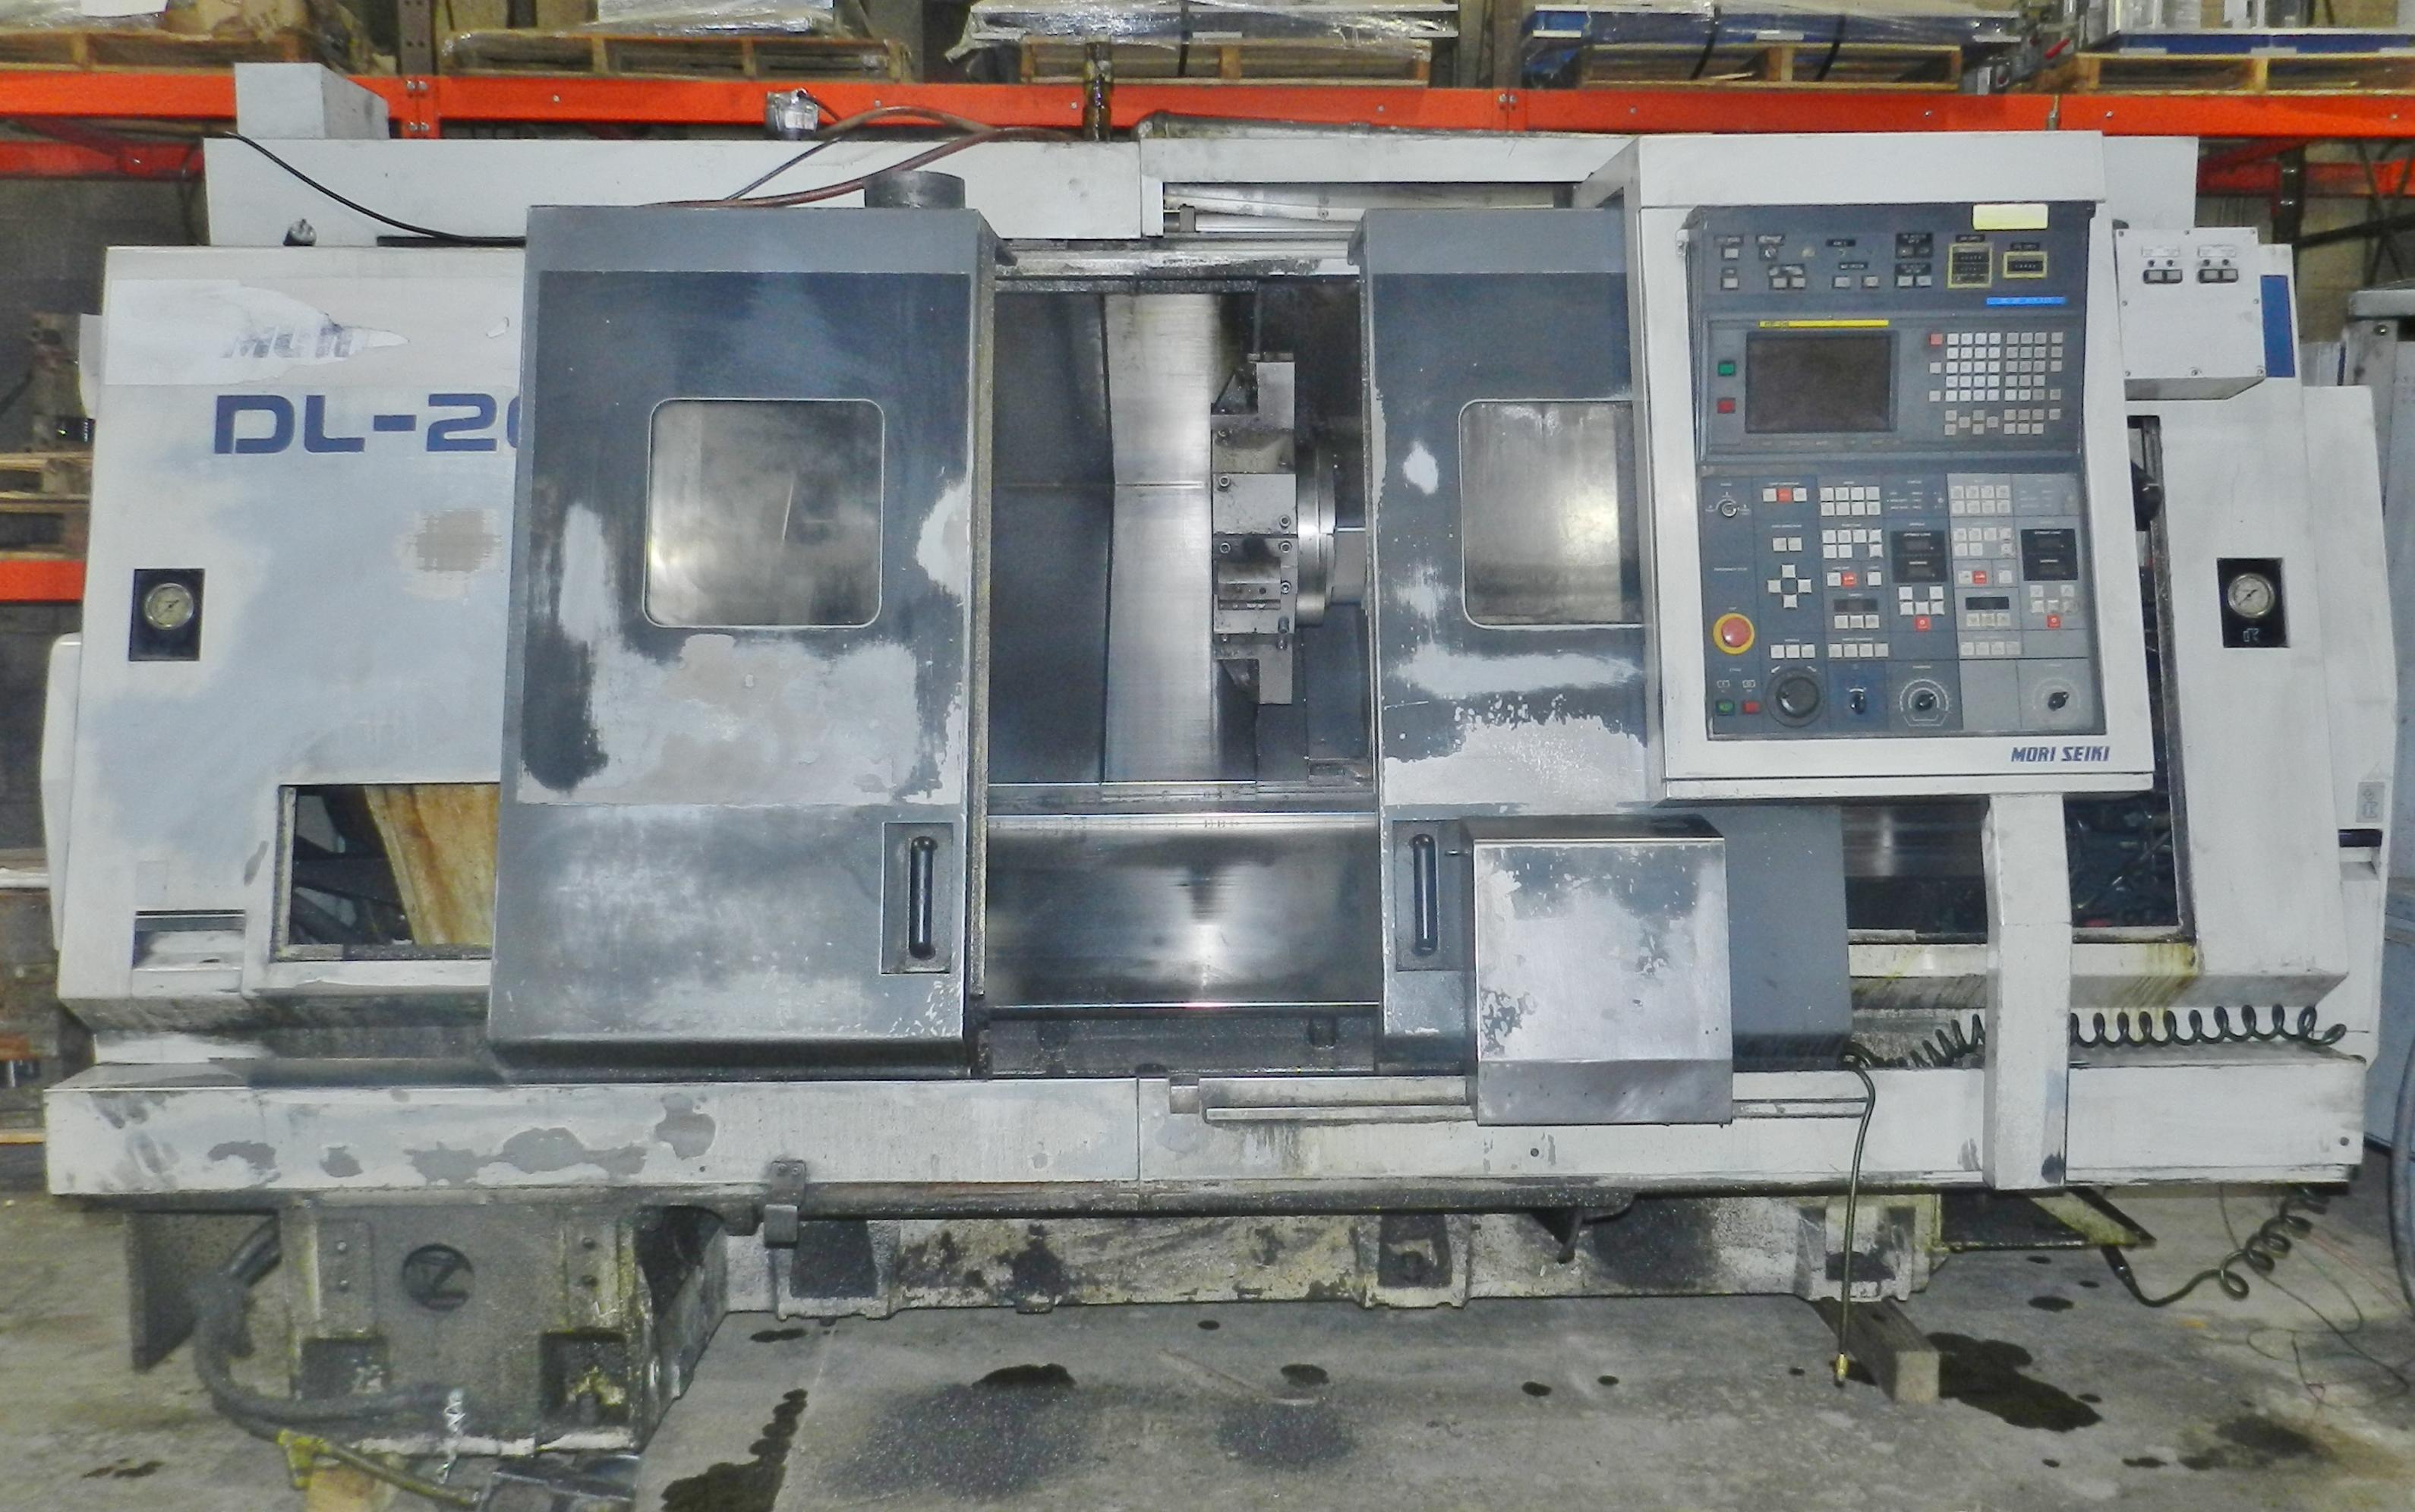 Mori Seiki DL-20 CNC Lathe